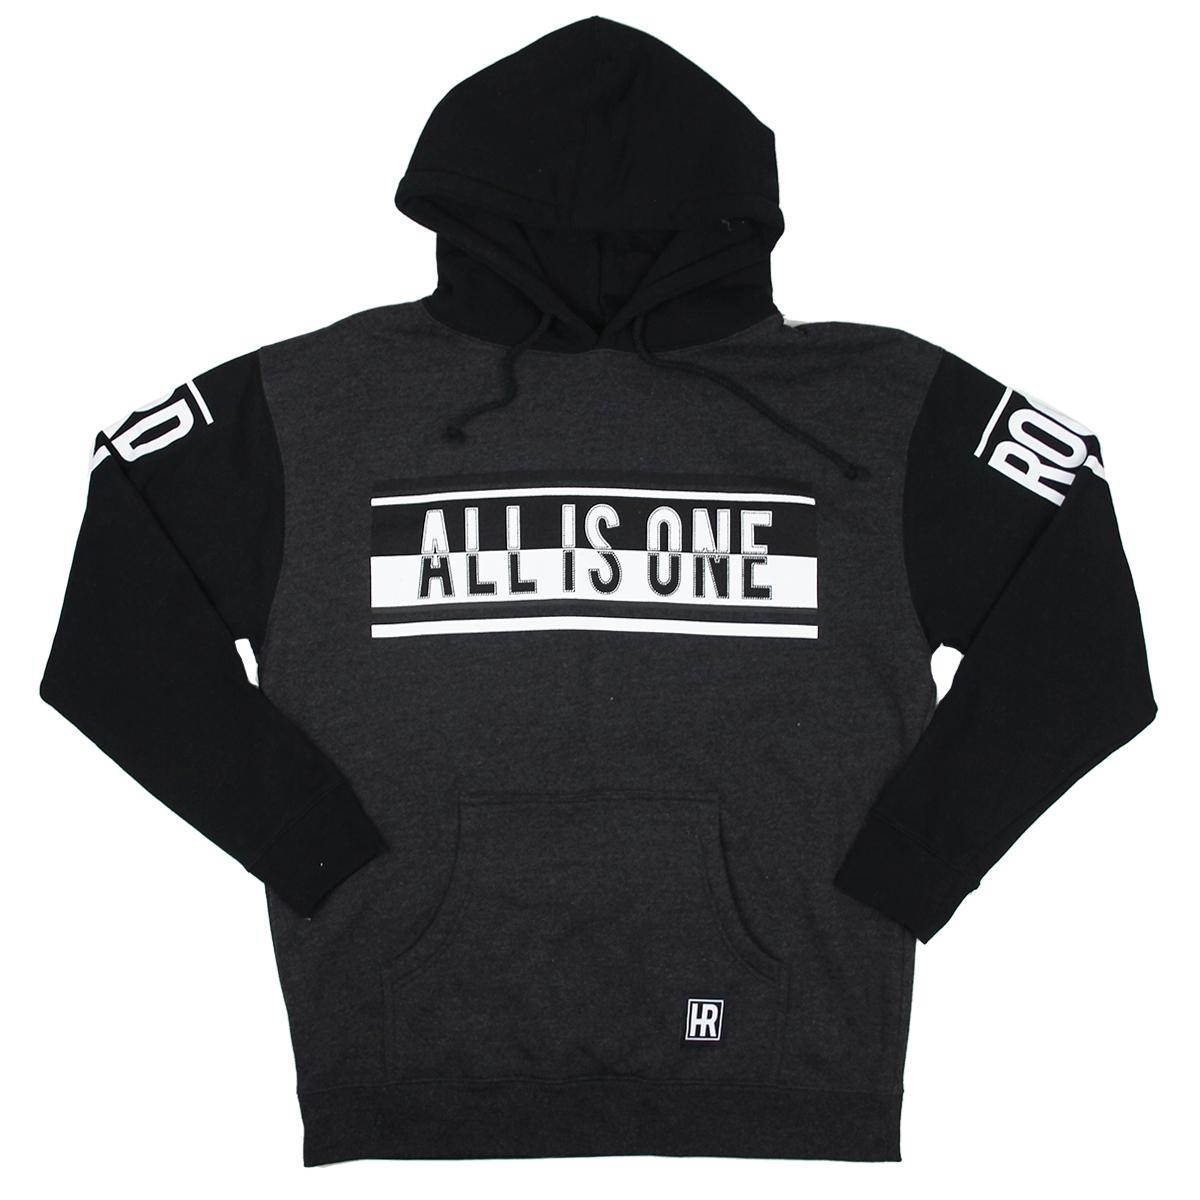 Mens All is One Contrast Sleeve Hoodie Black 0